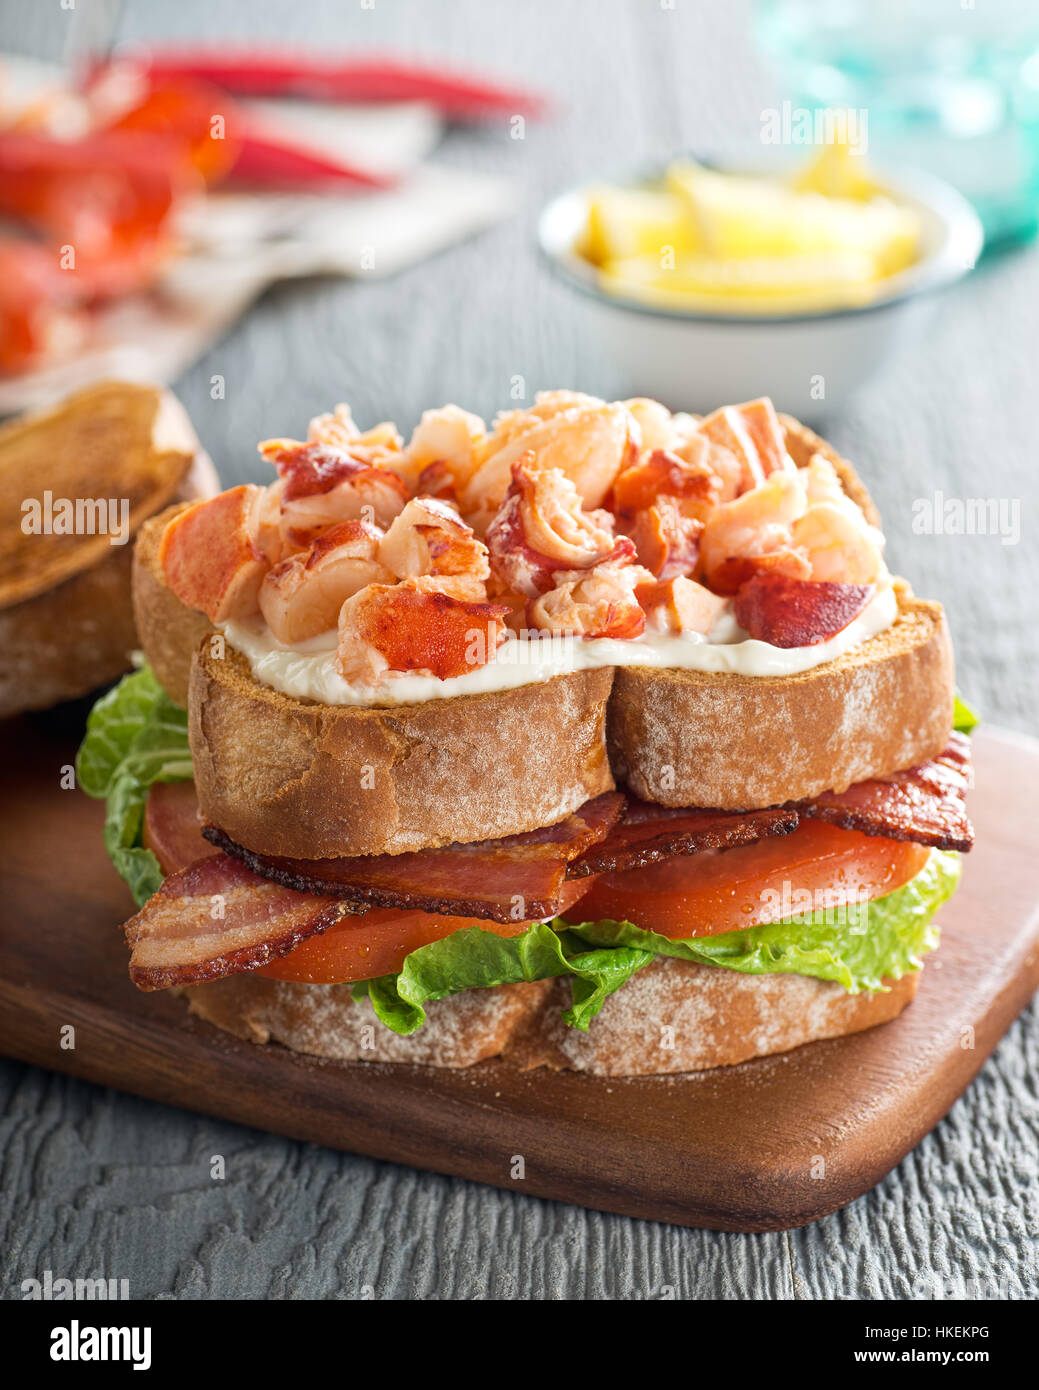 Una langosta deliciosa club sándwich con bacon, lechuga, tomate y mayonesa en pan tostado. Imagen De Stock